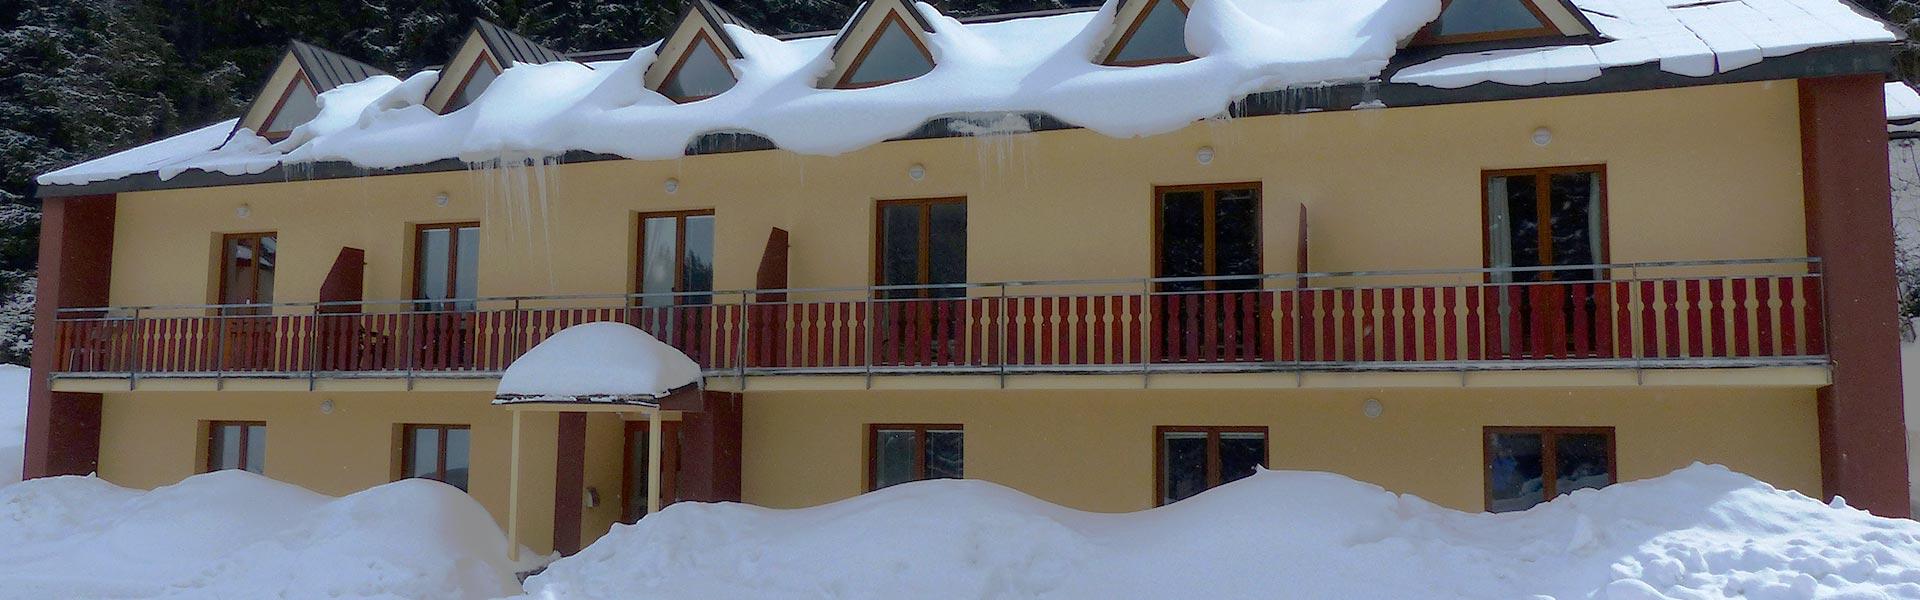 Apartmán Poustevník Ped pod Sněžkou